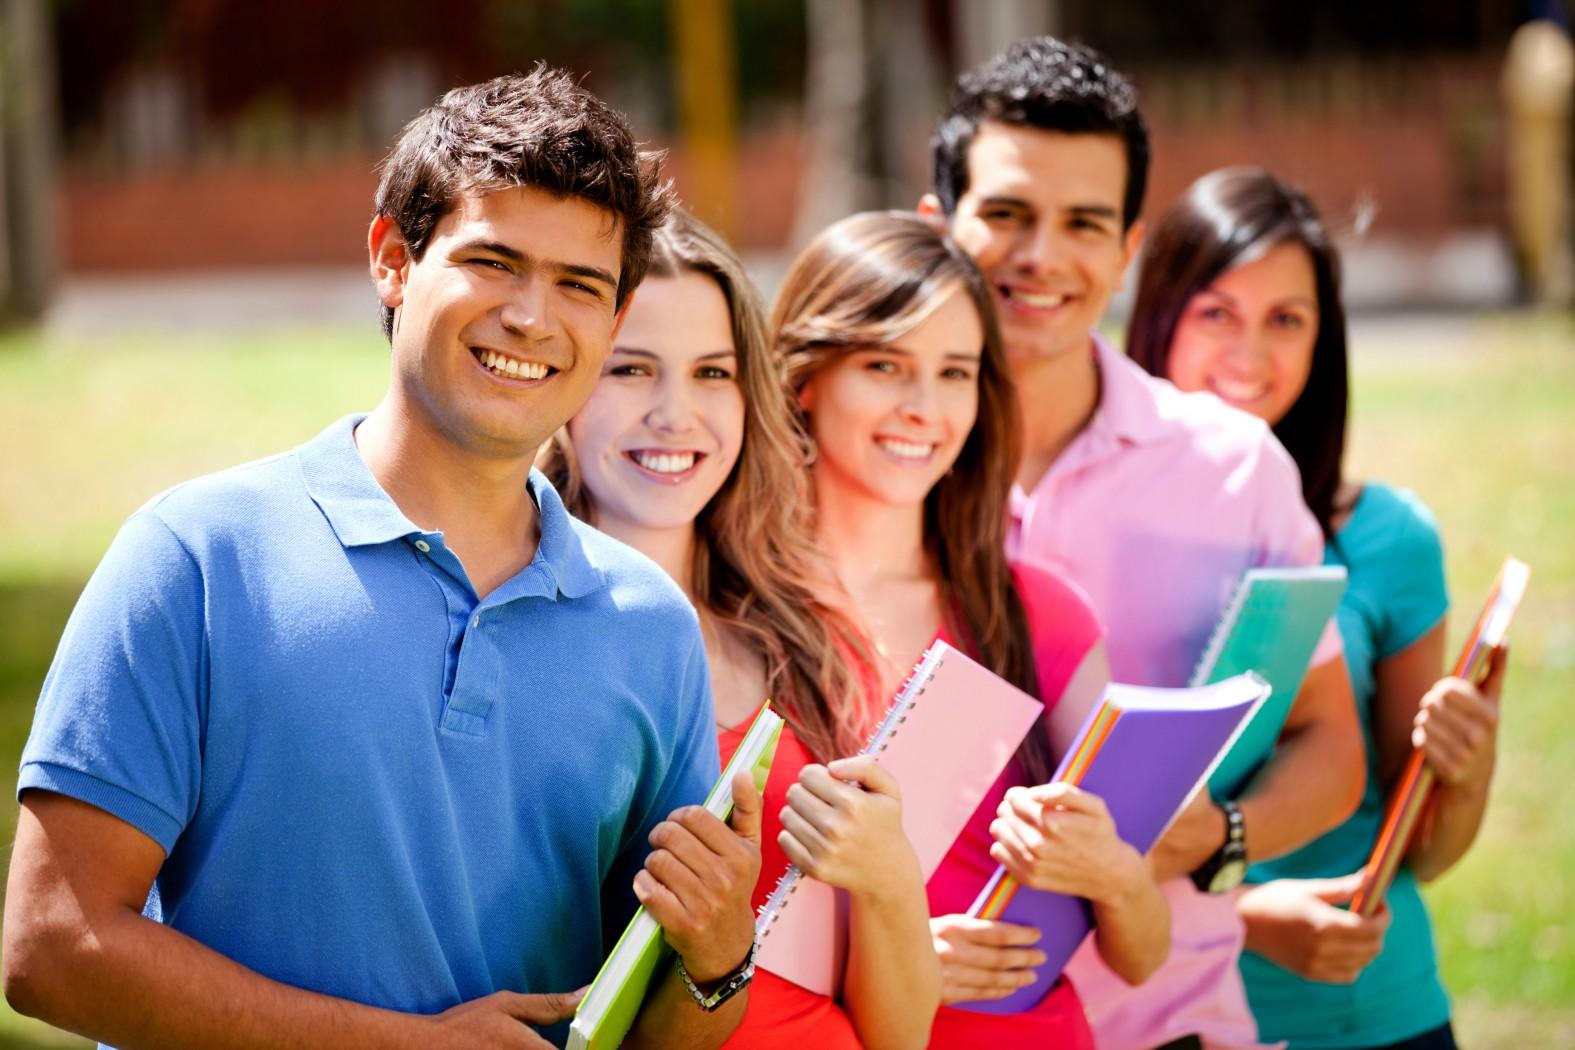 965 học bổng đào tạo tại Liên bang Nga cho công dân Việt Nam theo diện Hiệp định chính phủ